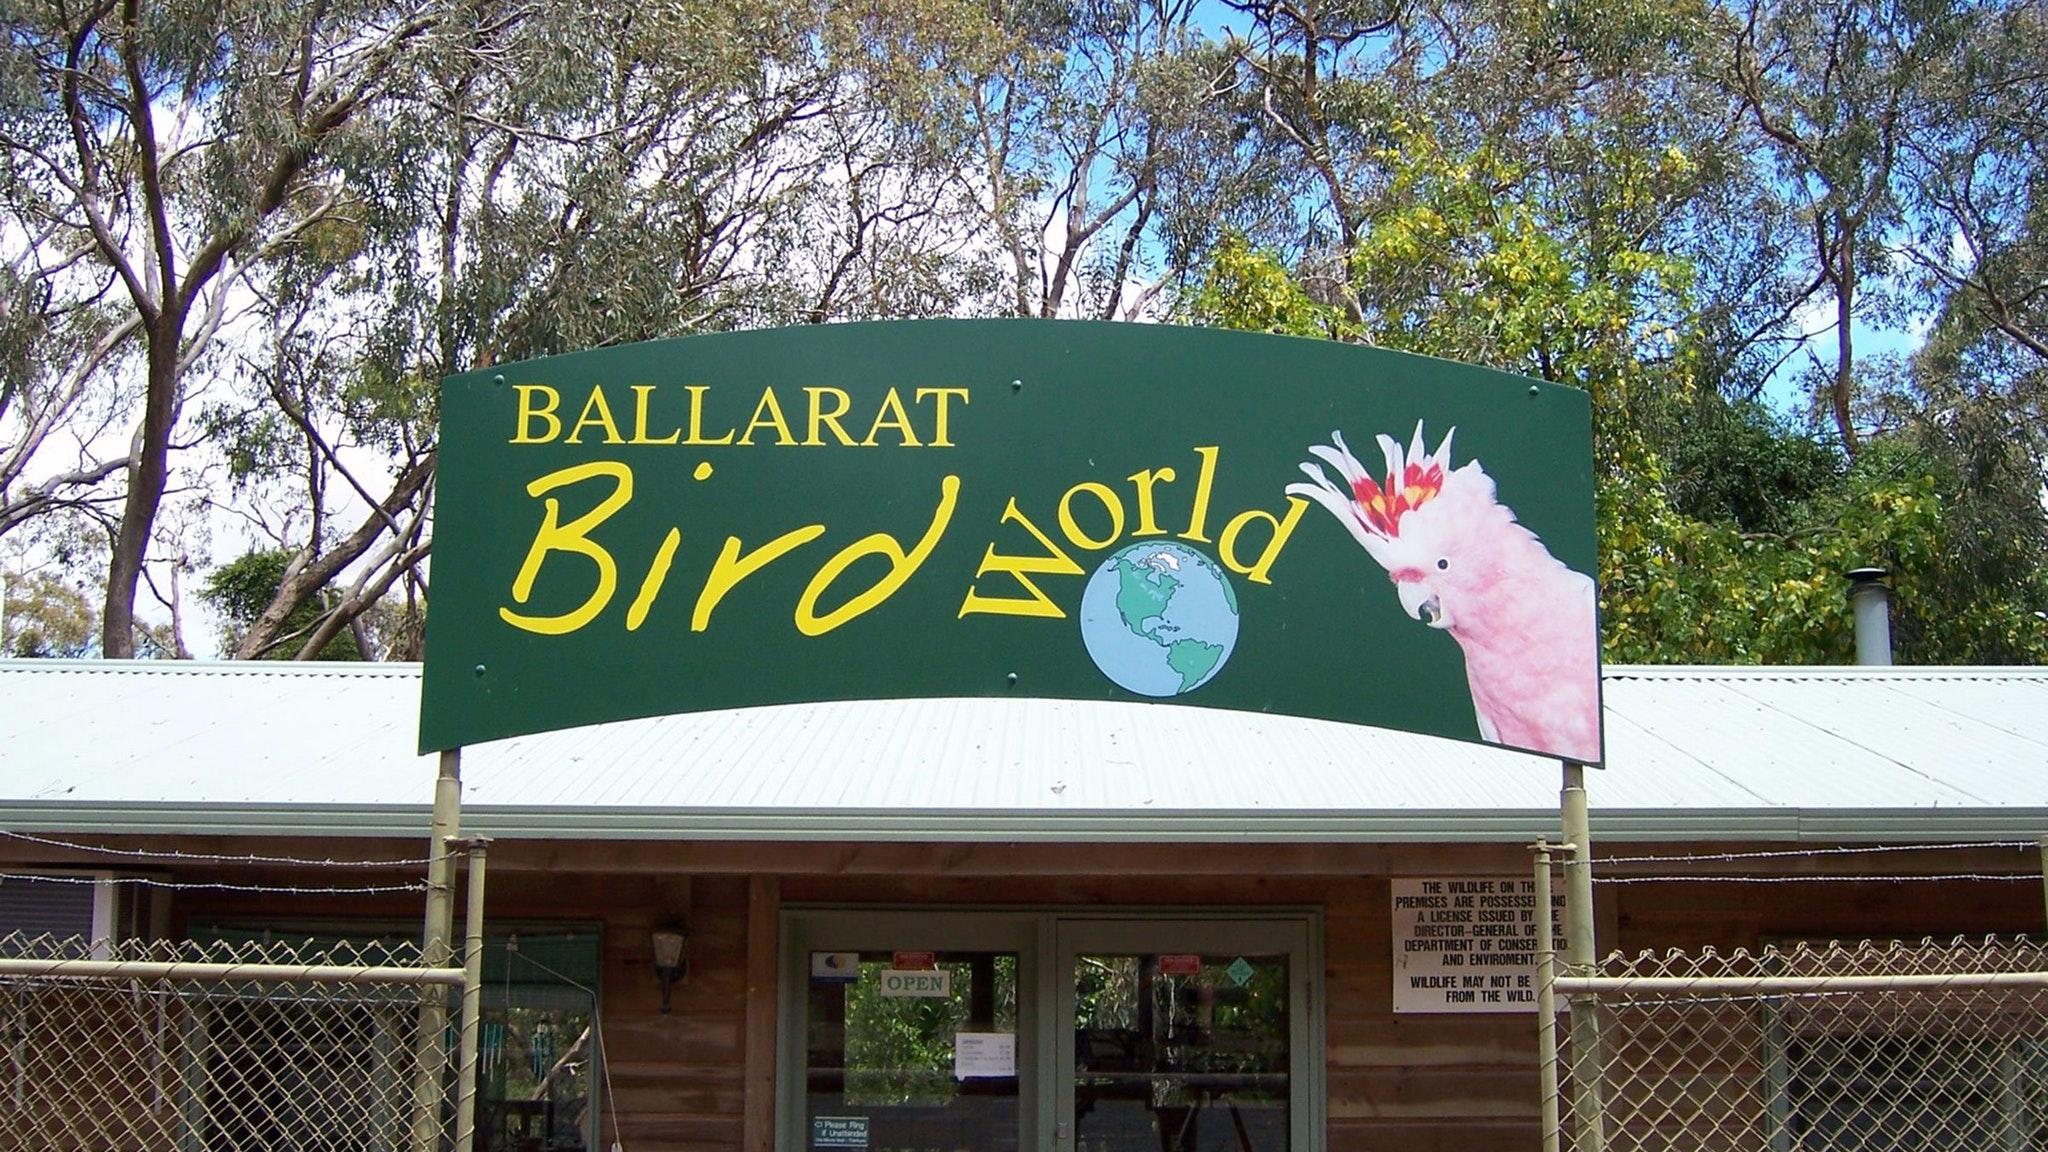 Ballarat Bird World